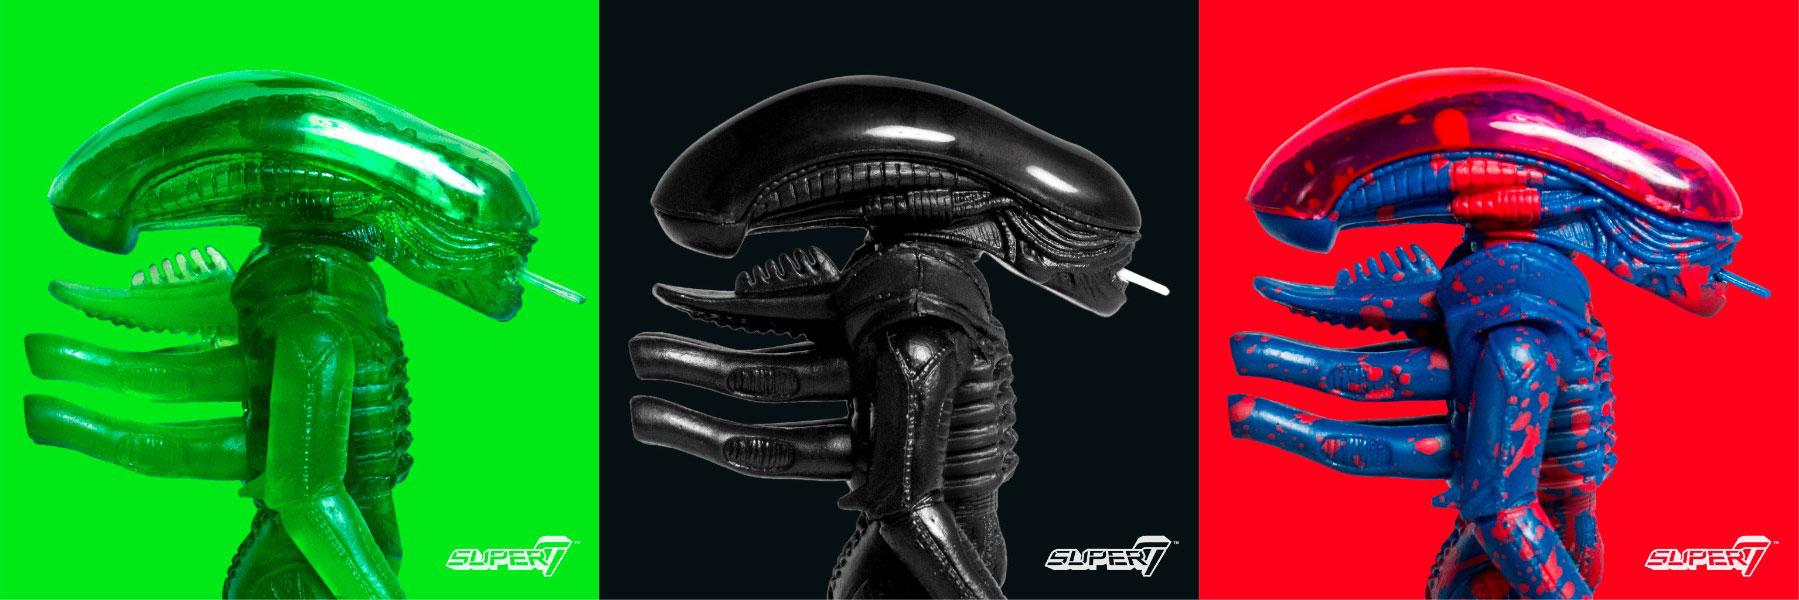 alien-day-big-chap-reaction-figures-super7